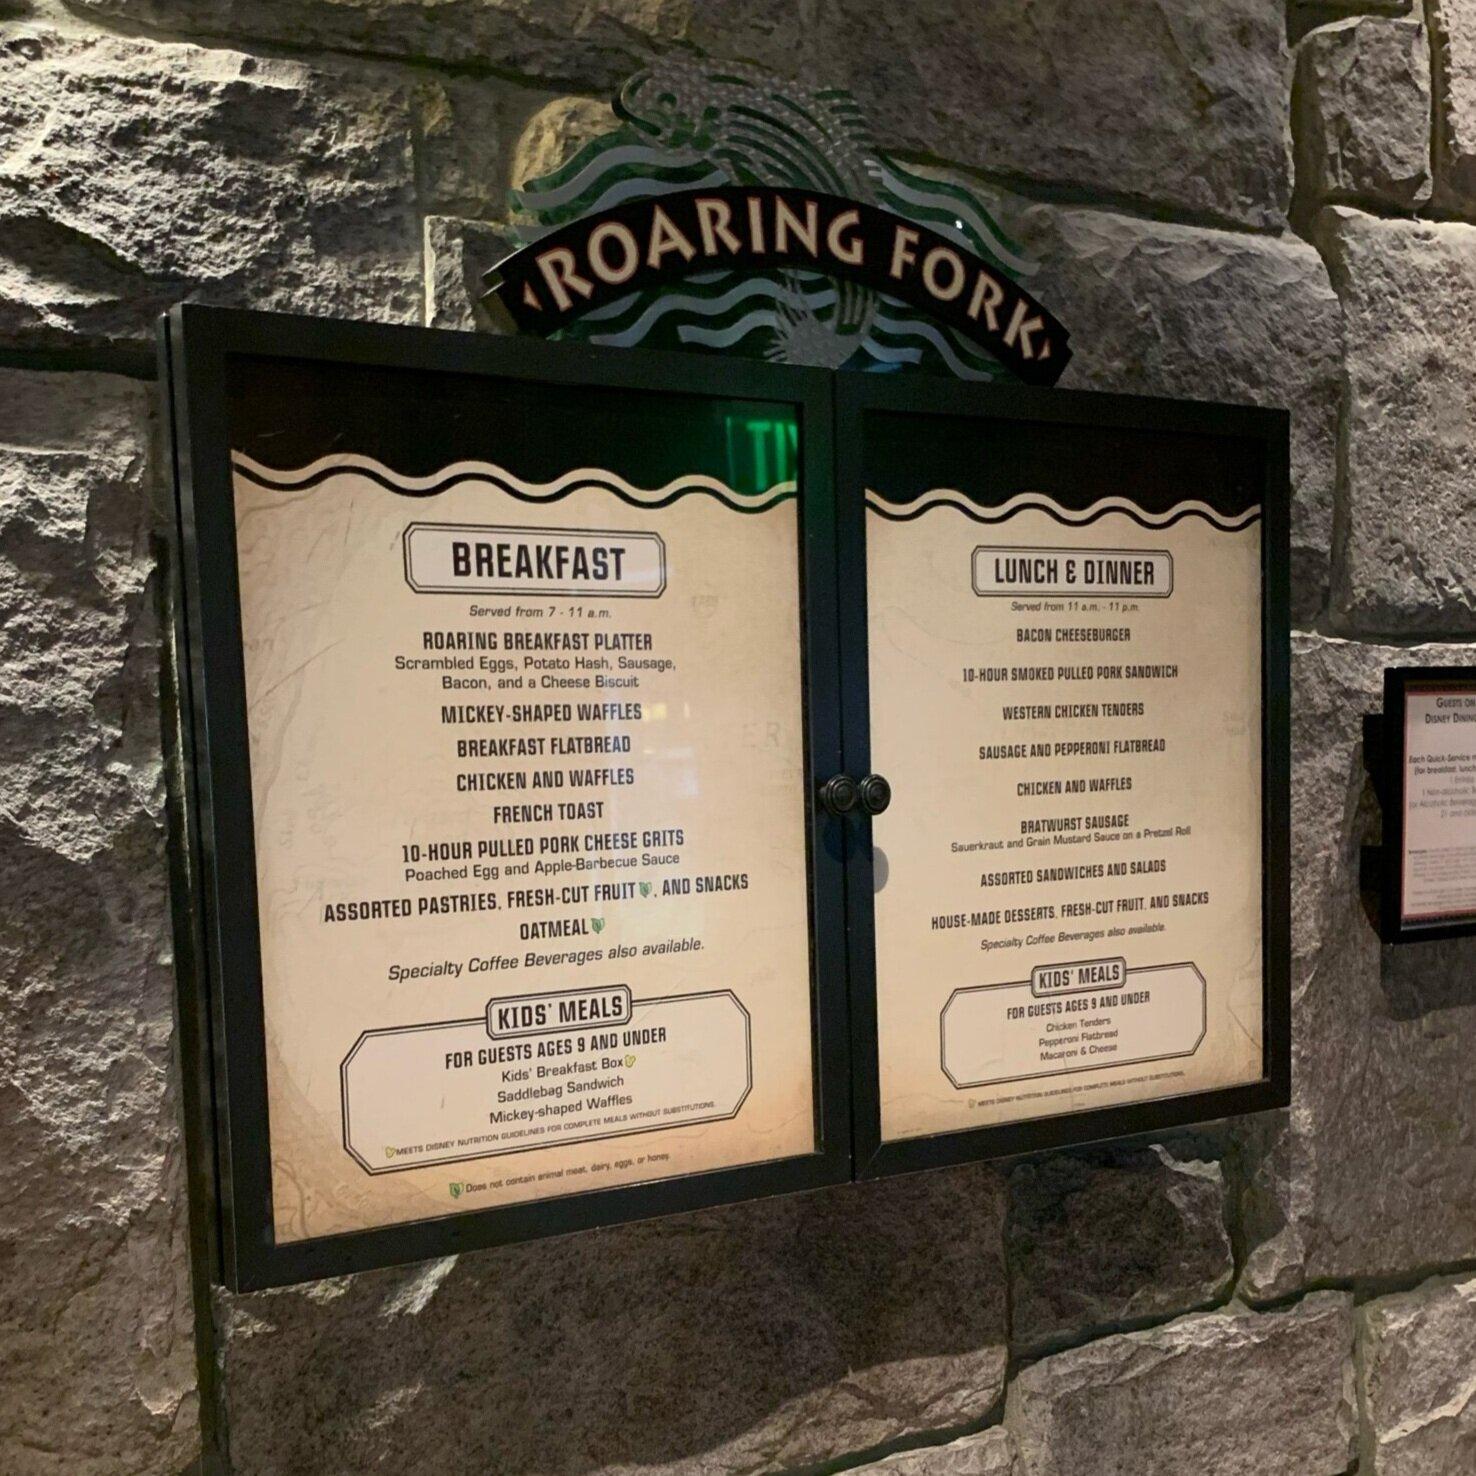 Menu at Roaring Fork at Disney's Wilderness Lodge